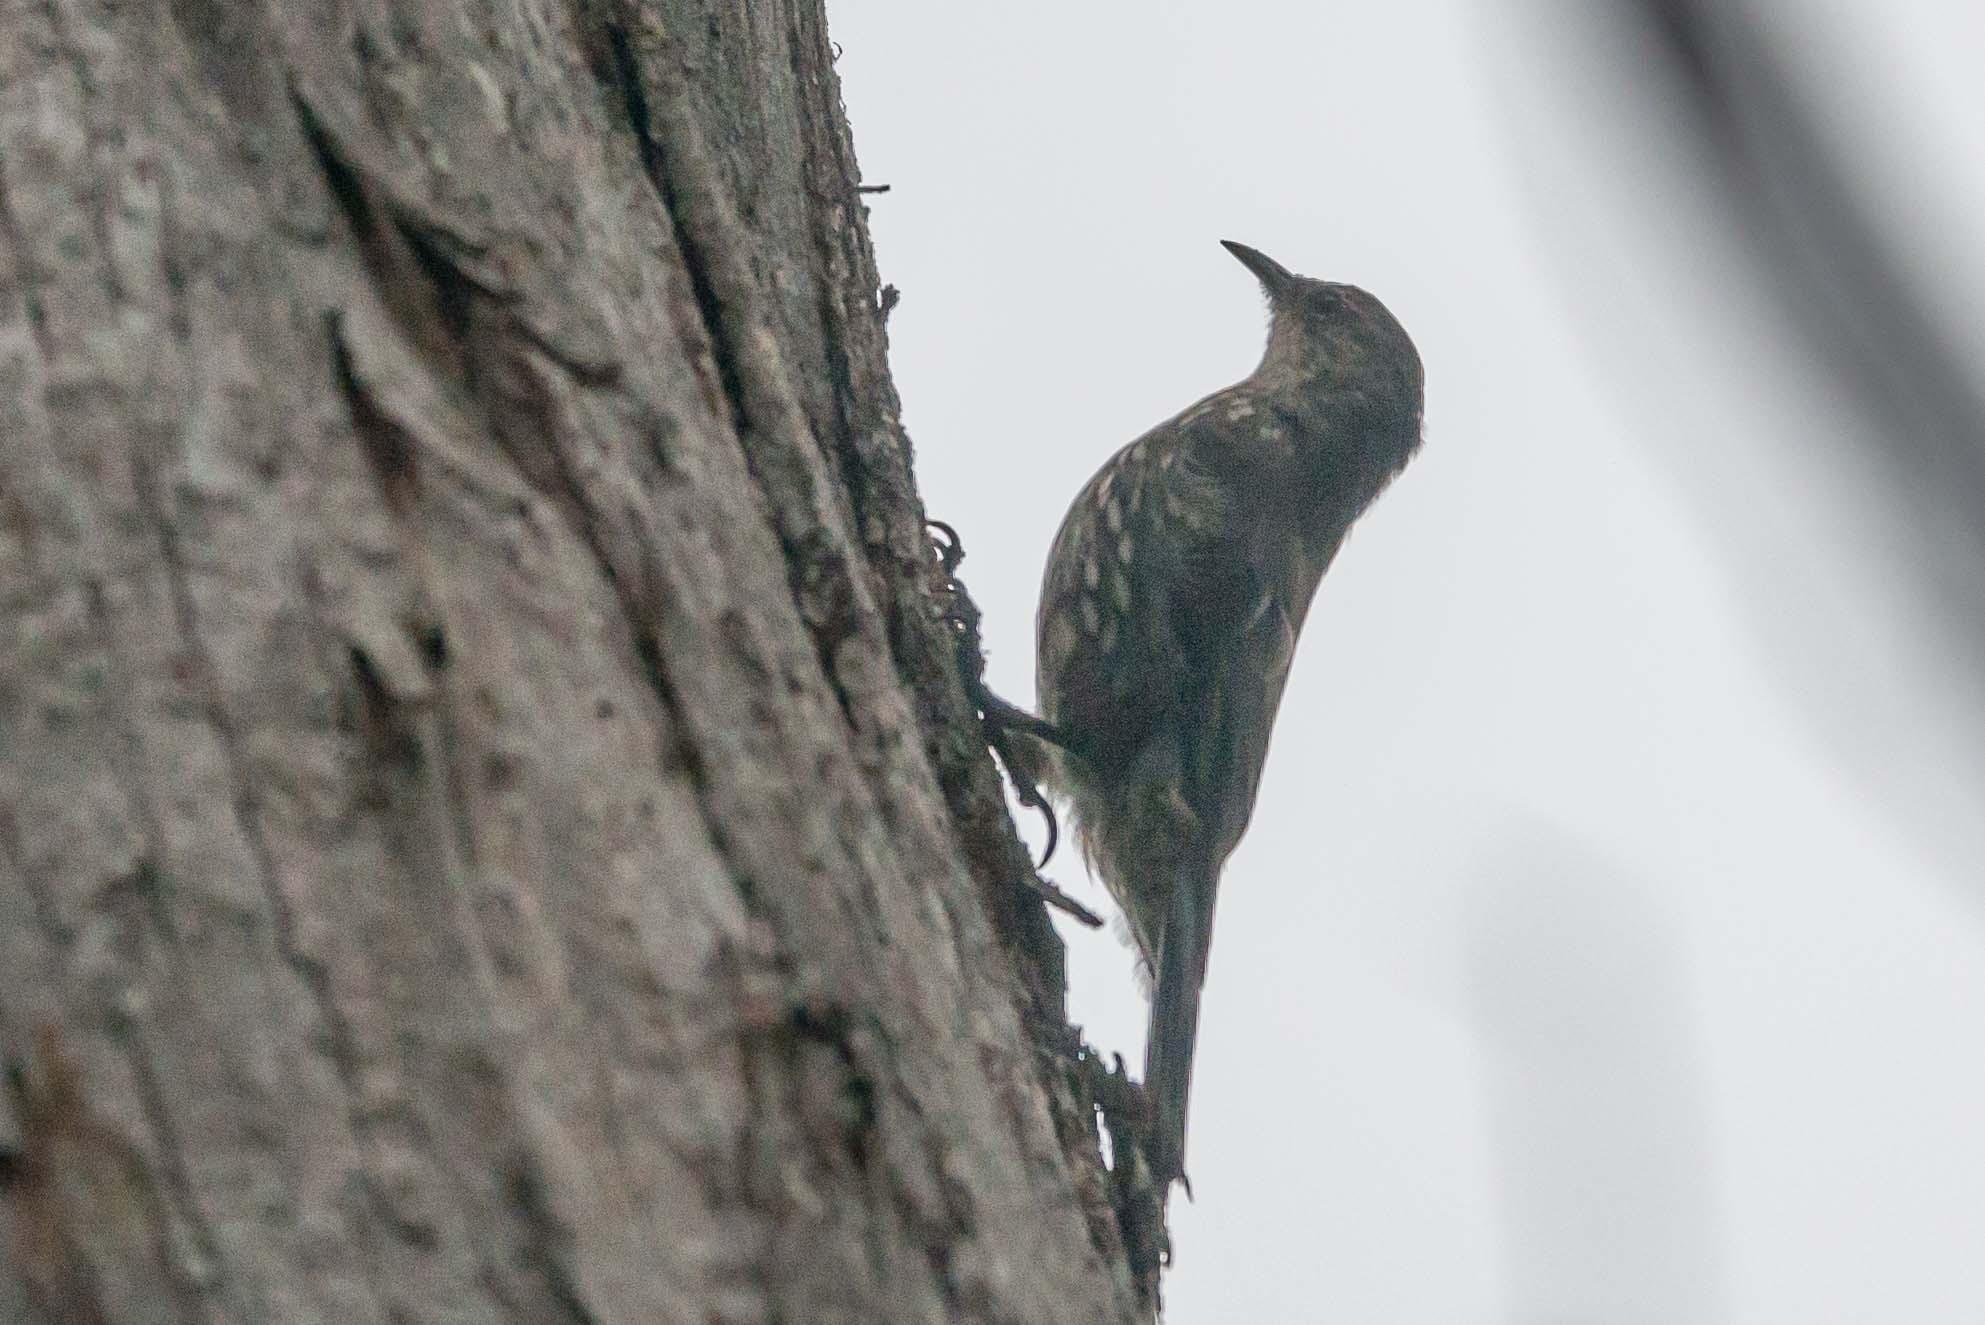 Tree-creeper by chrisgnixon